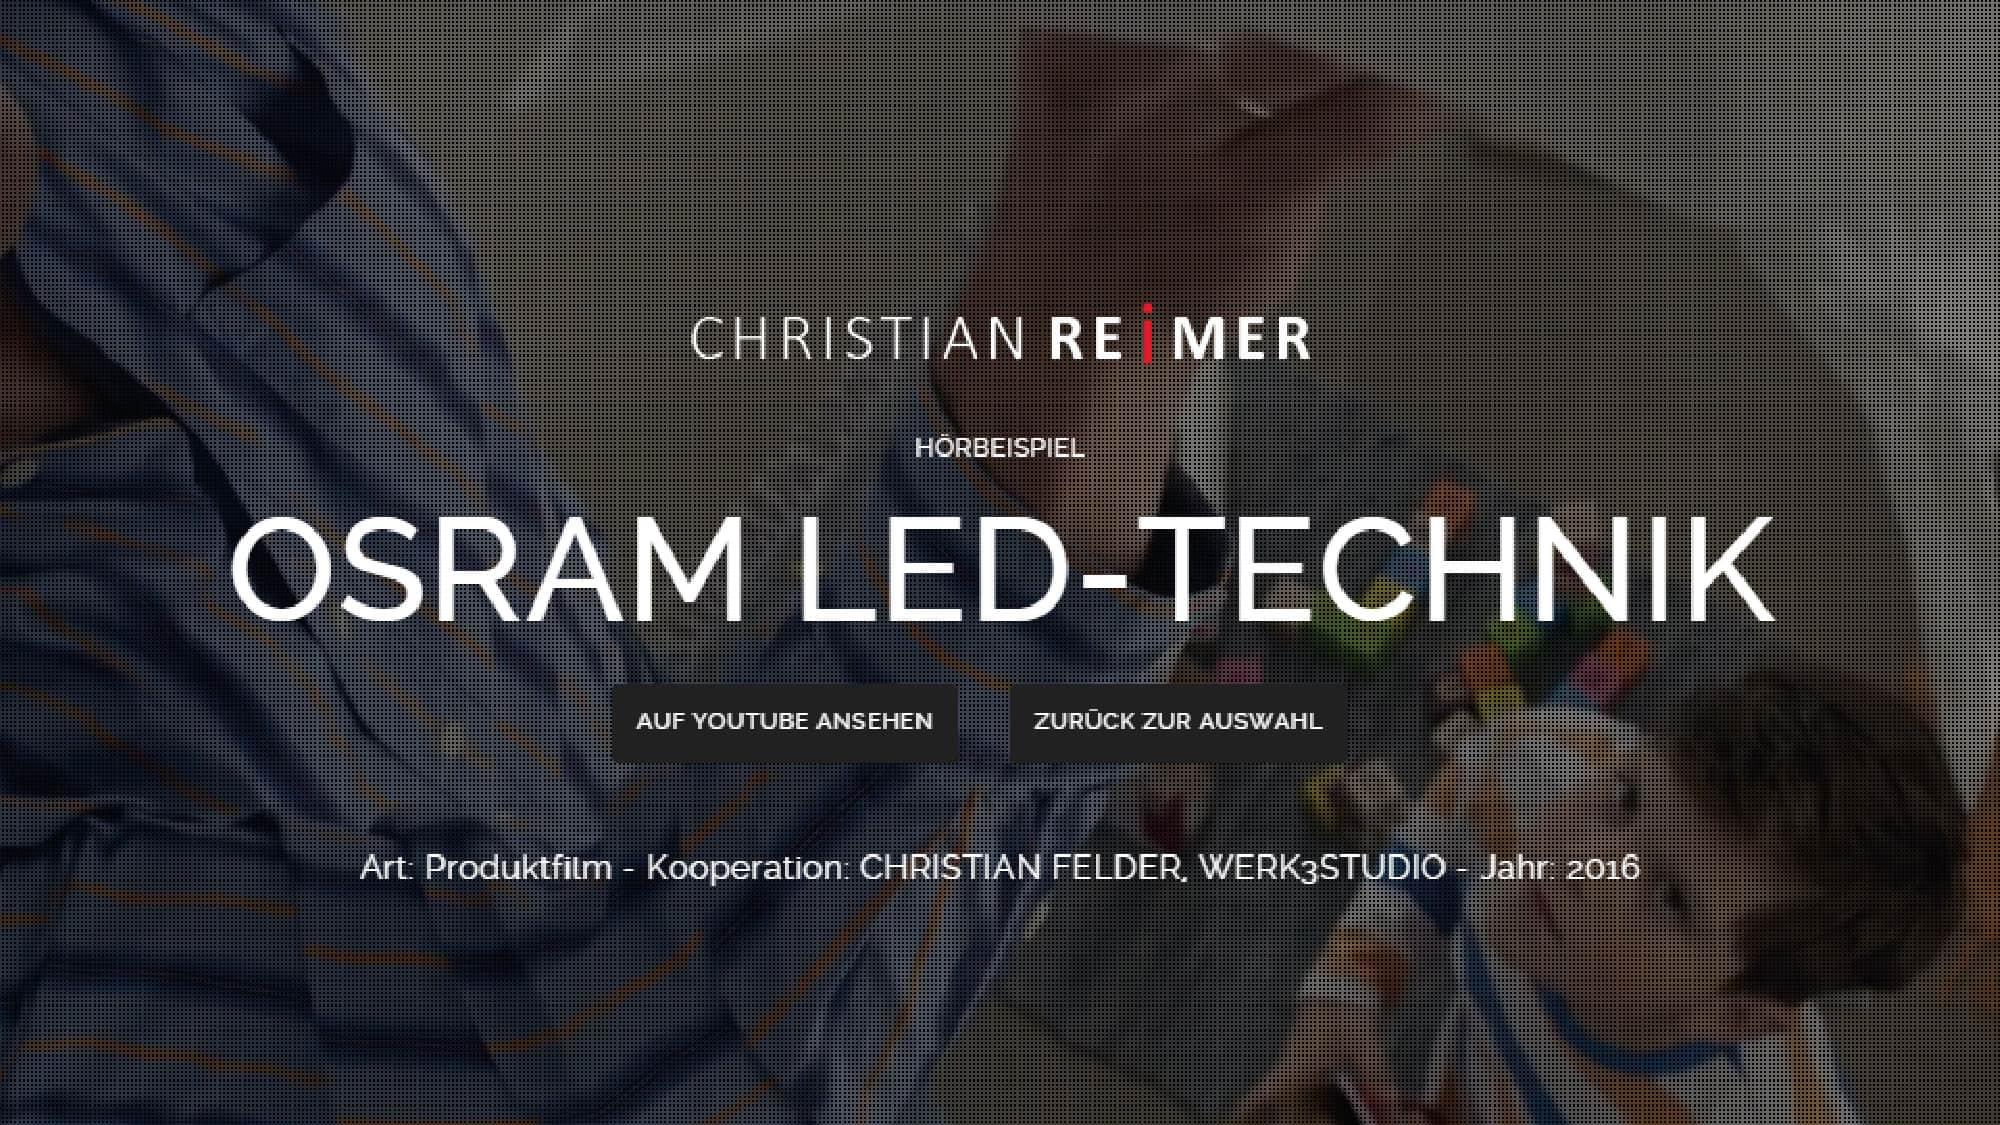 OSRAM LED-Technik Hörbeispiel Christian Reimer